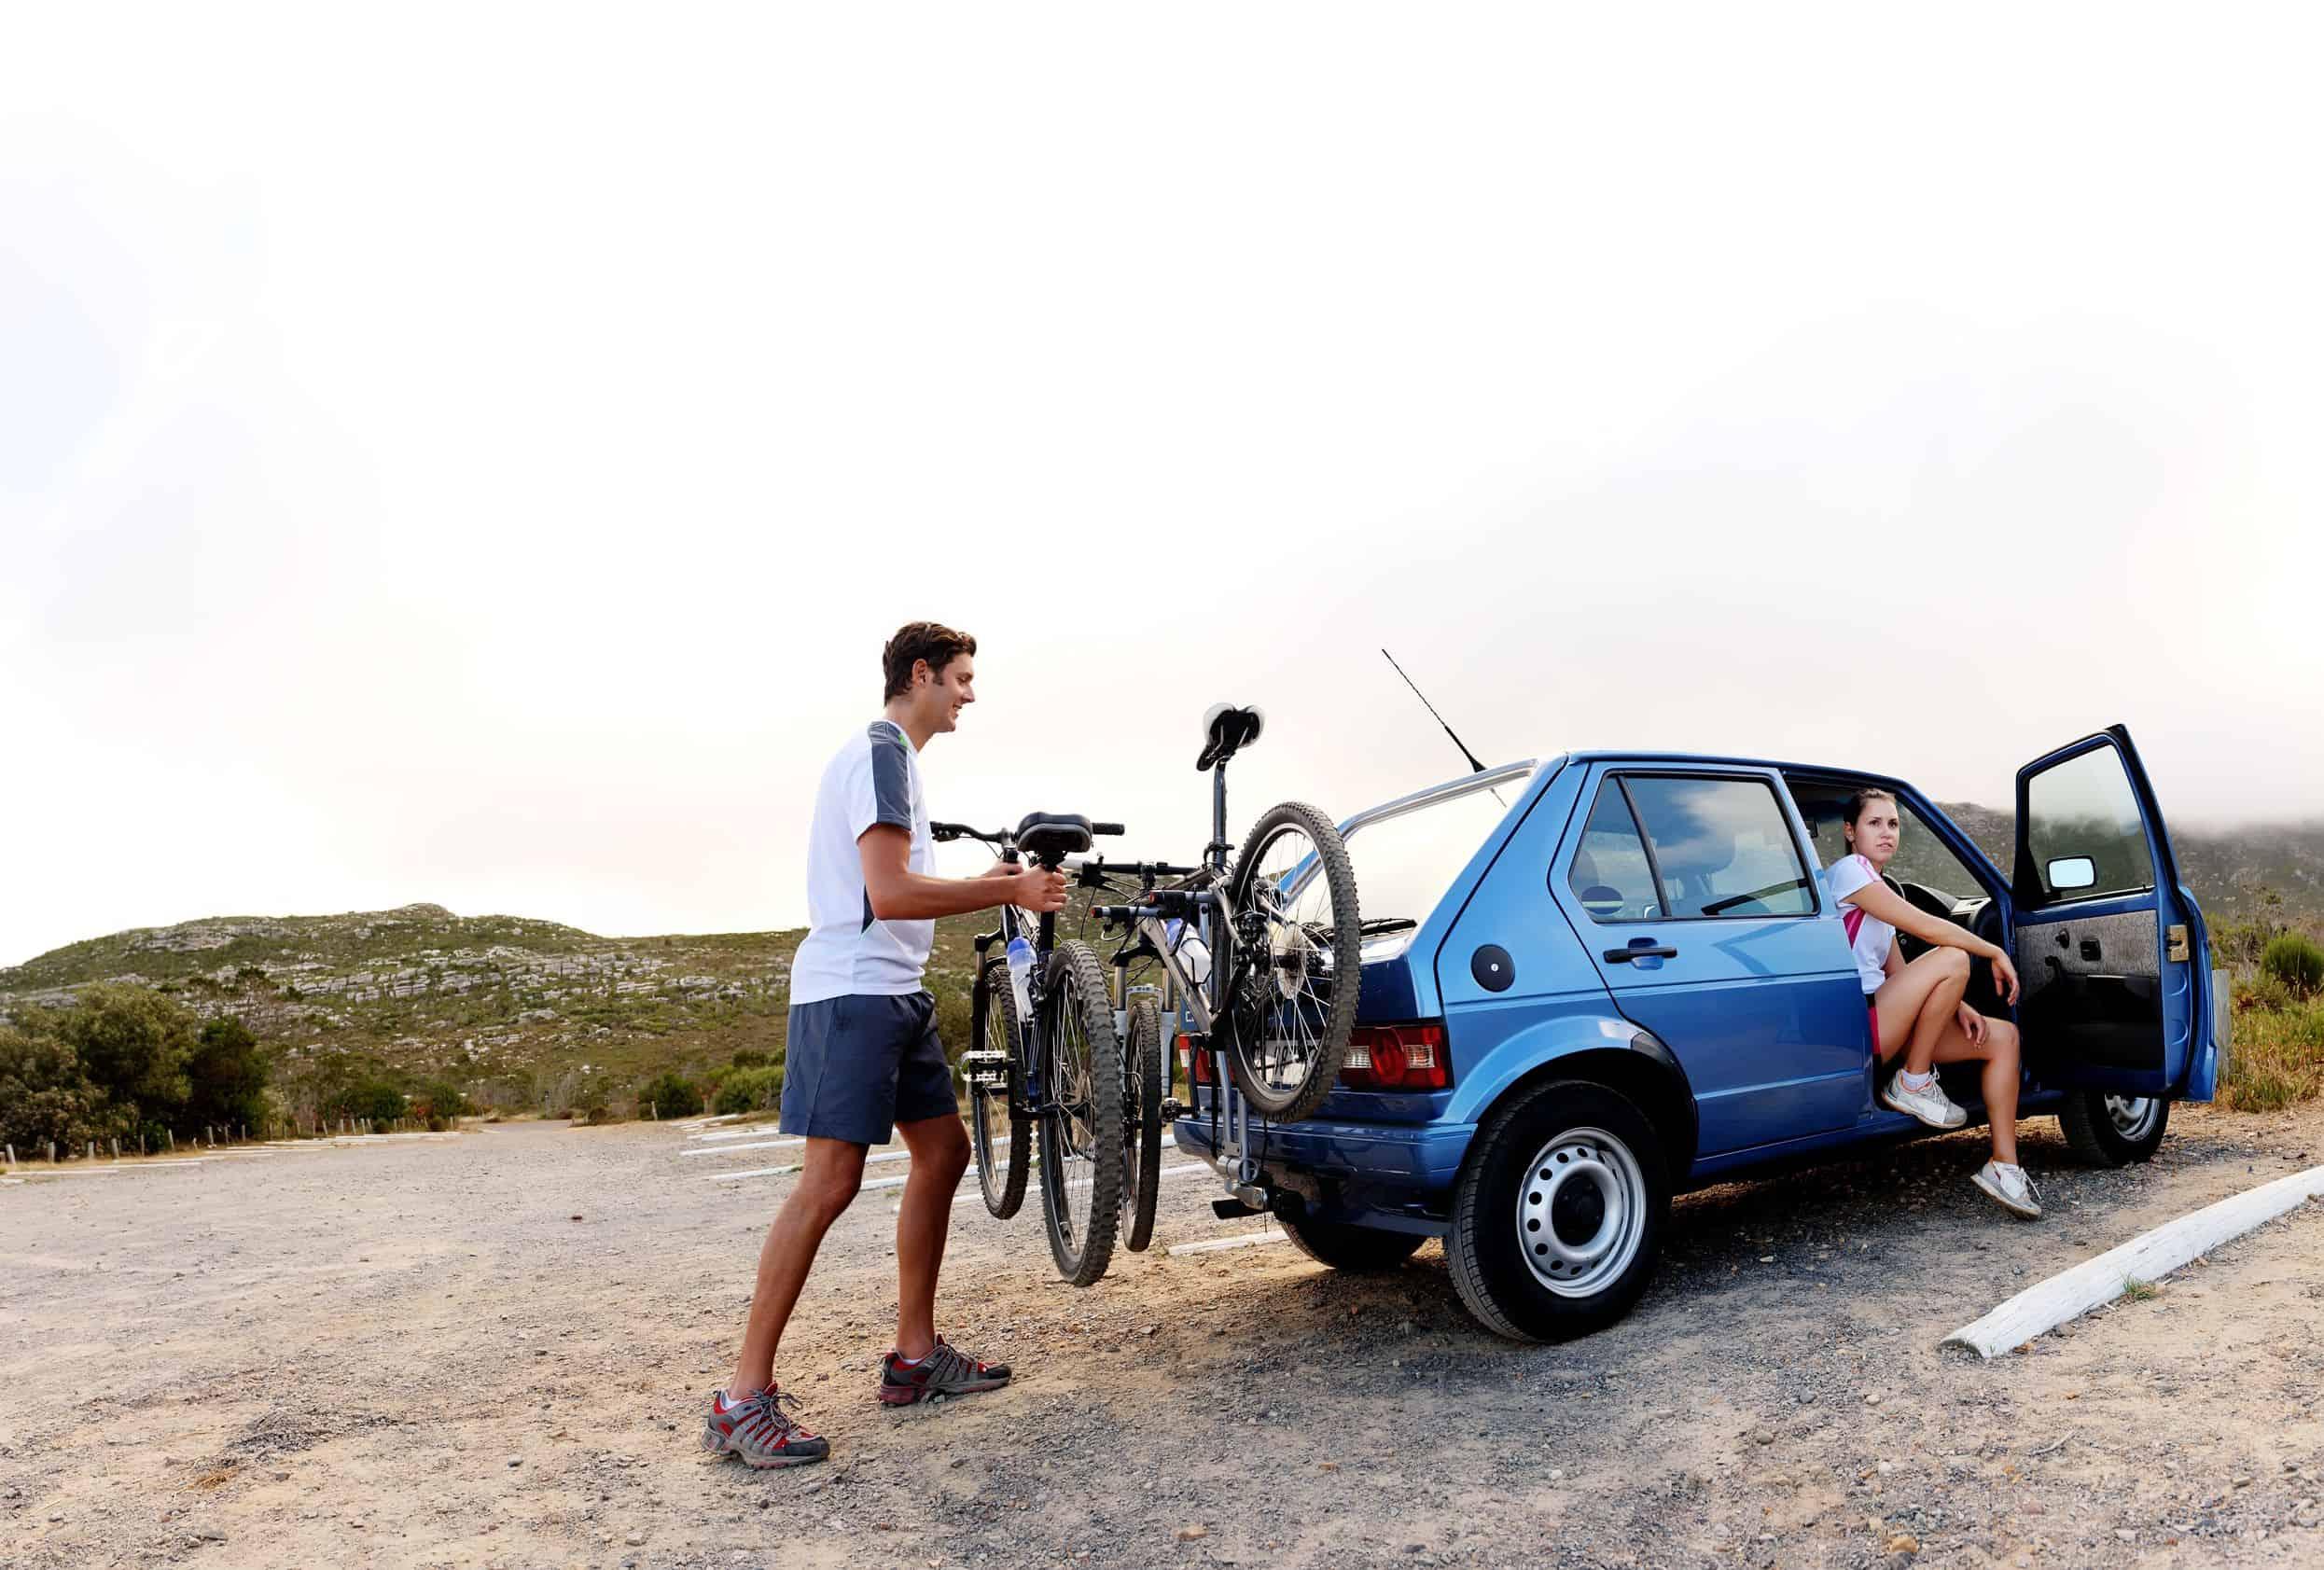 Fahrradträger: Test & Empfehlungen (09/20)